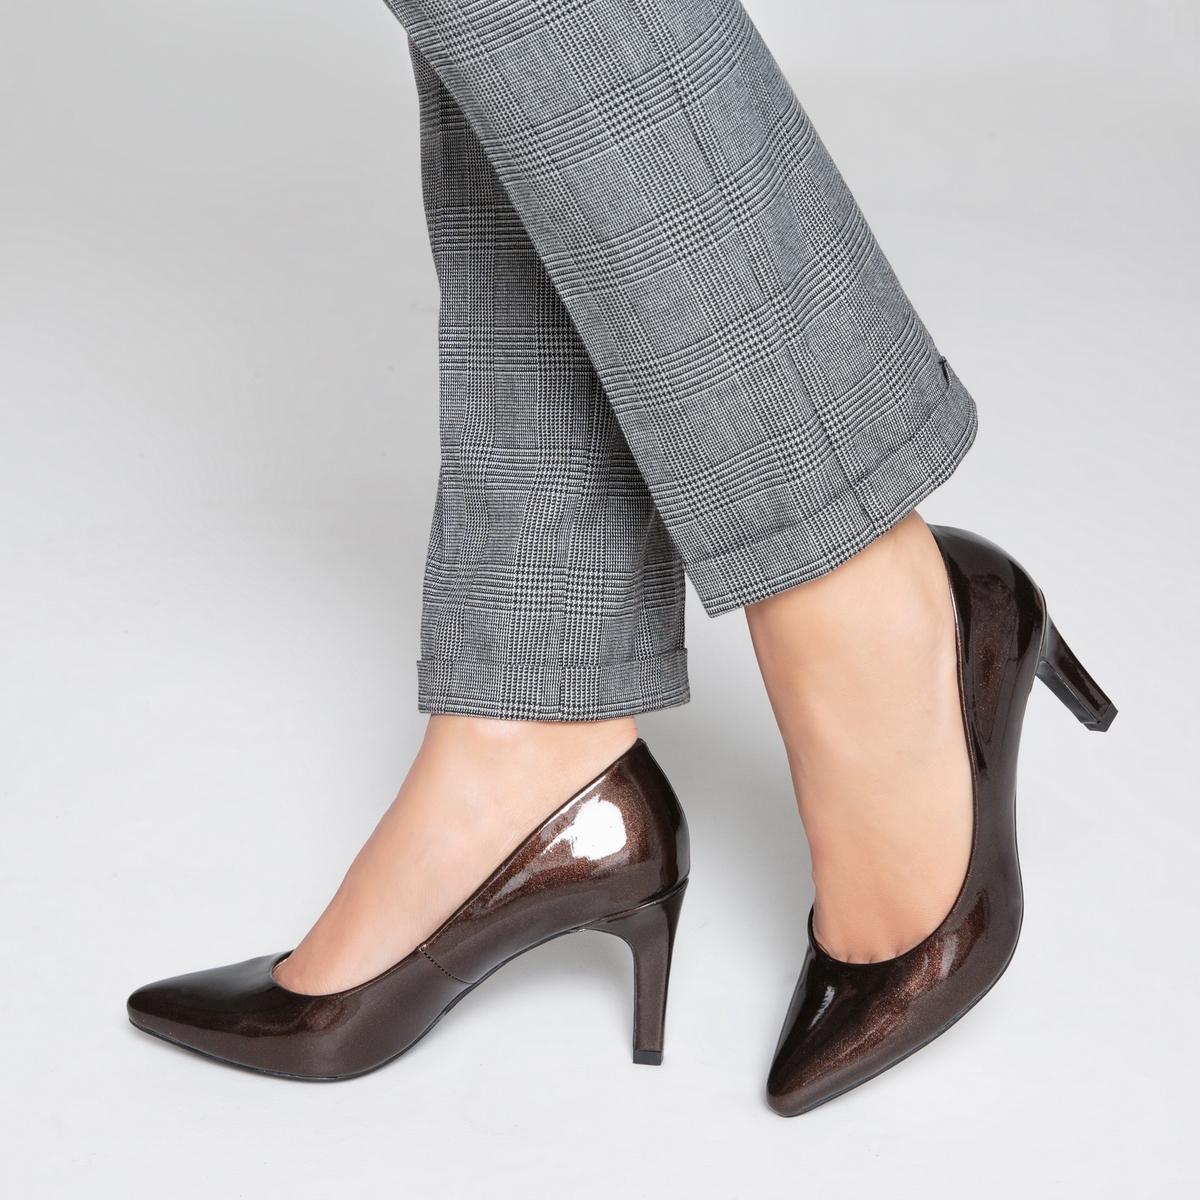 zapatillas Zapatos de tac?n de charol efecto metalizado